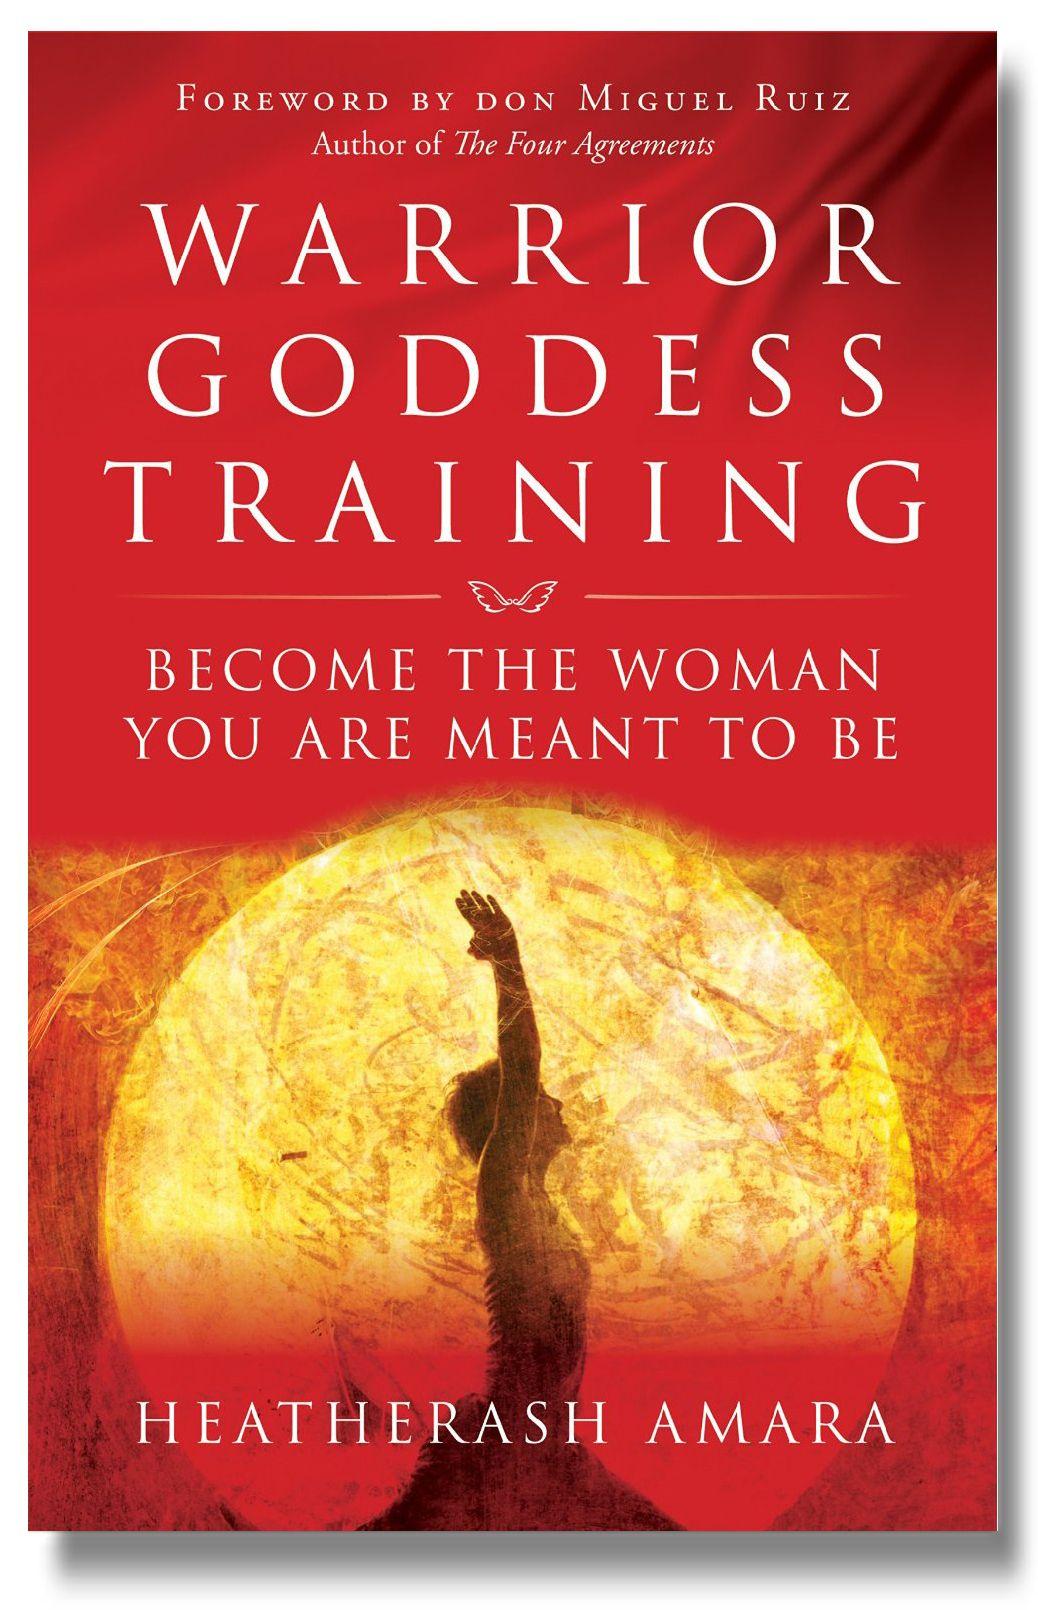 15+ Divine masculine and feminine books ideas in 2021